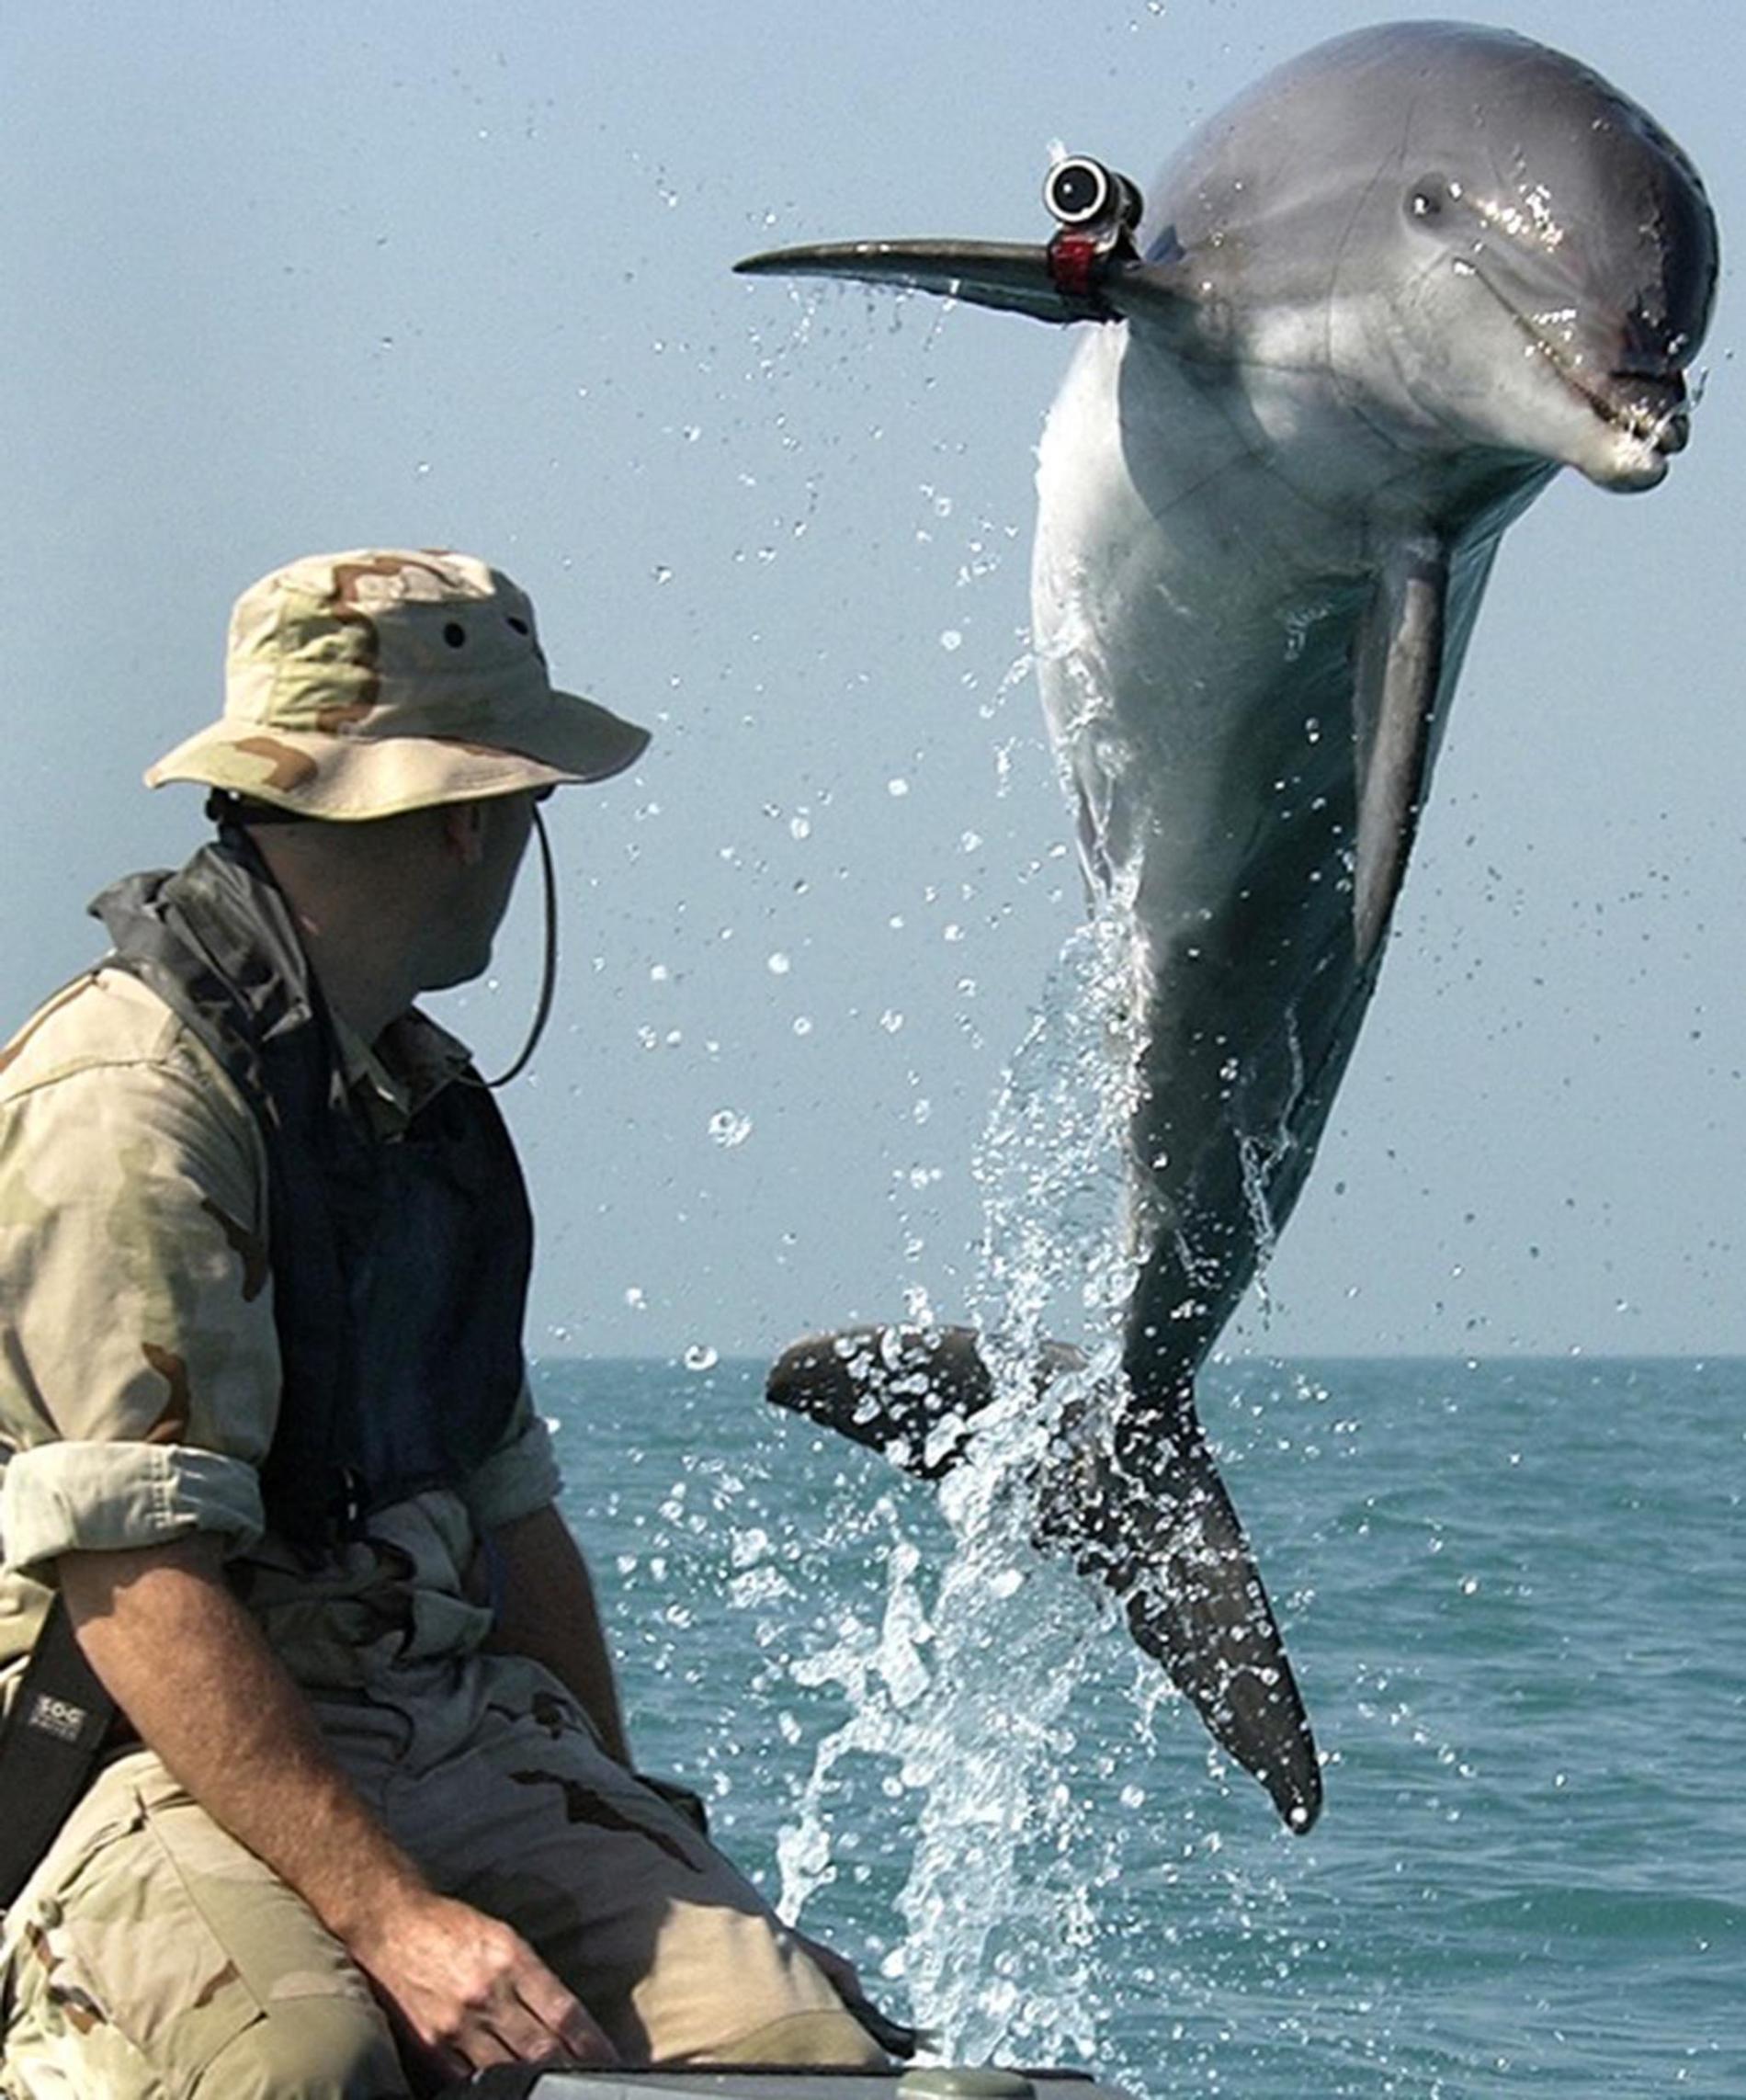 在美國海軍於波斯灣的一場訓練活動期間,一隻名叫「阿K」(K-Dog)的瓶鼻海豚跳出水面。PHOTOGRAPH BY PETTY OFFICER FIRST CLASS BRIAN AHO, U.S. NAVY